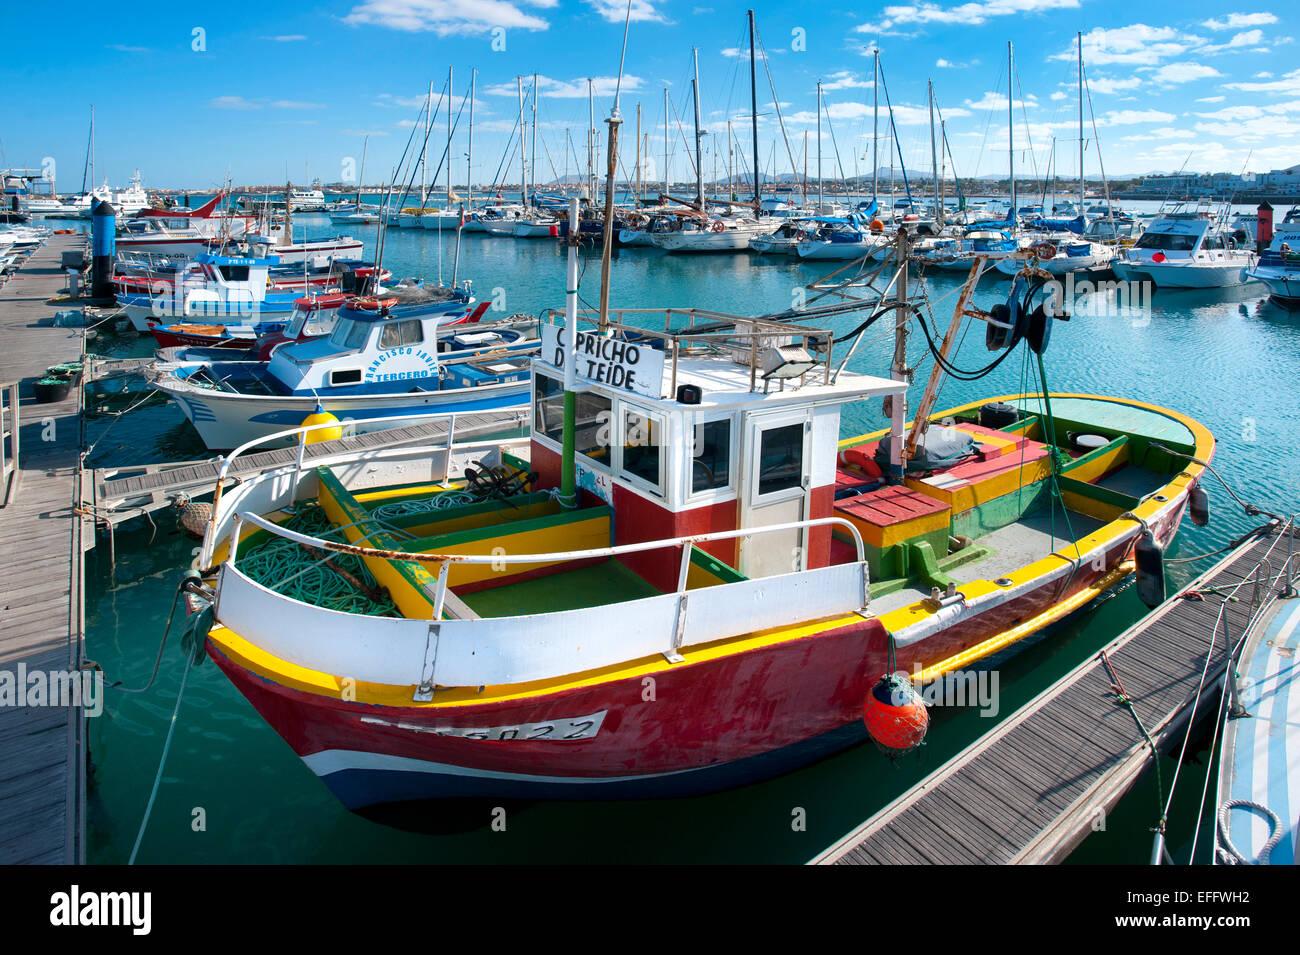 Hafen von Corralejo, Fuerteventura, Kanarische Inseln, Spanien Stockbild